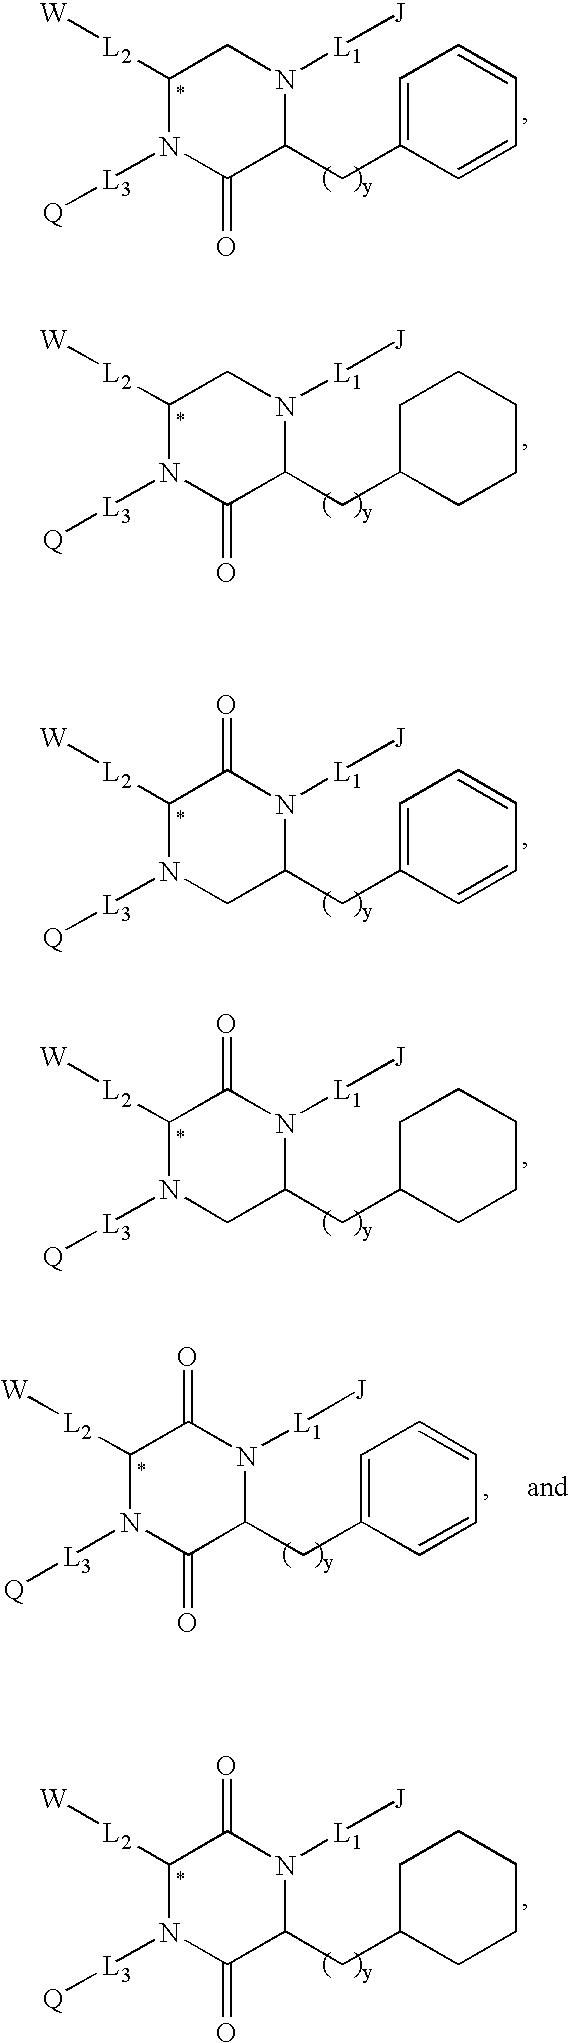 Figure US07727990-20100601-C00027